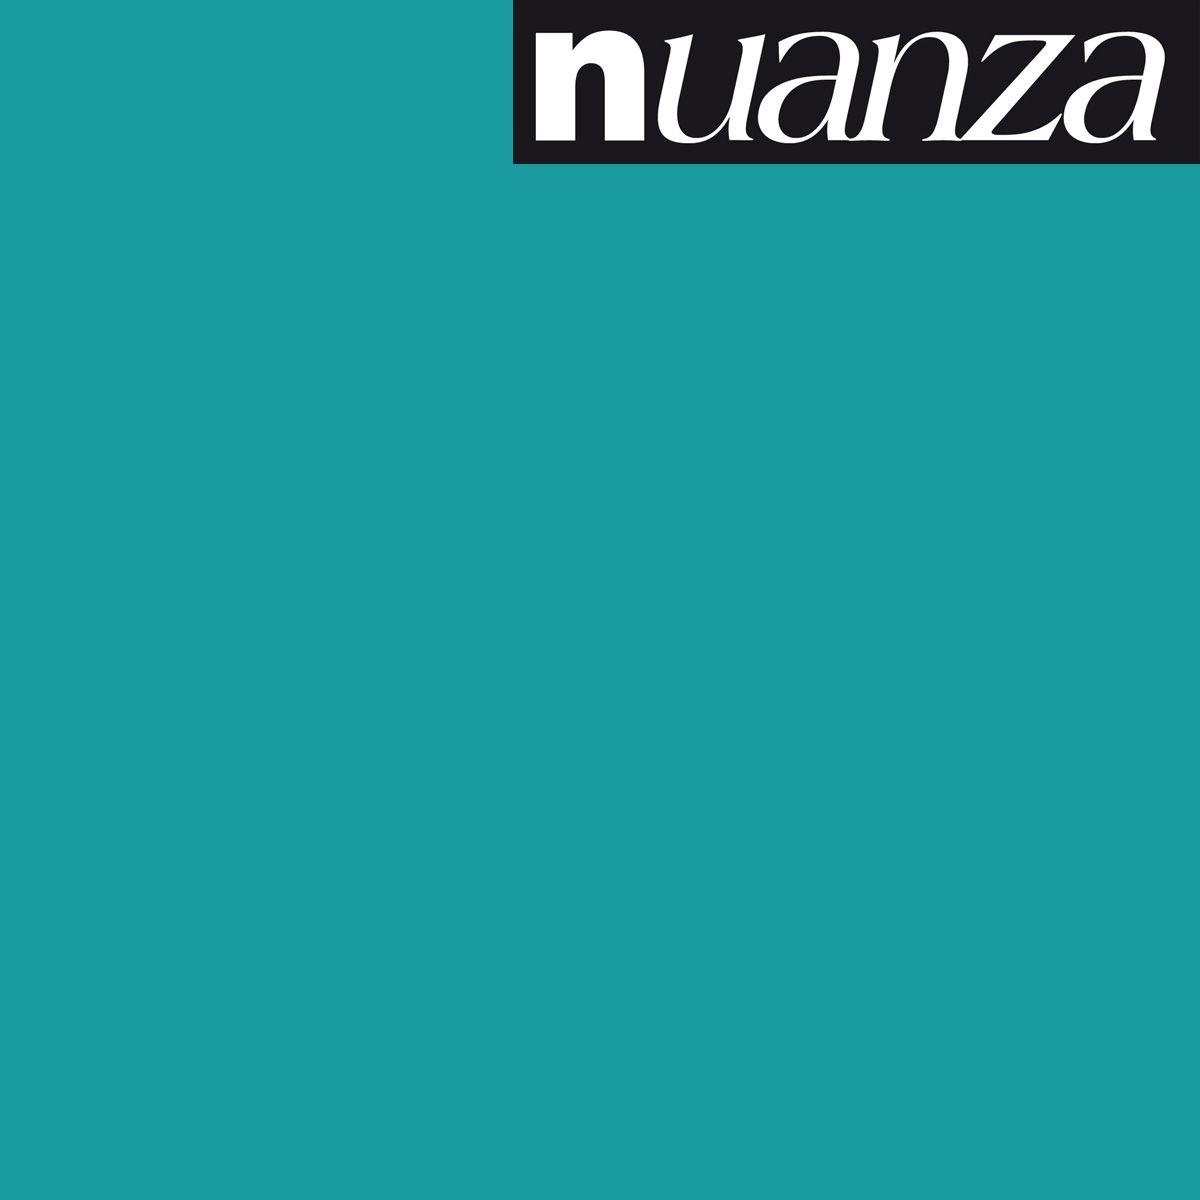 Peinture Nuanza satin monocouche bleu lagon 0.5l